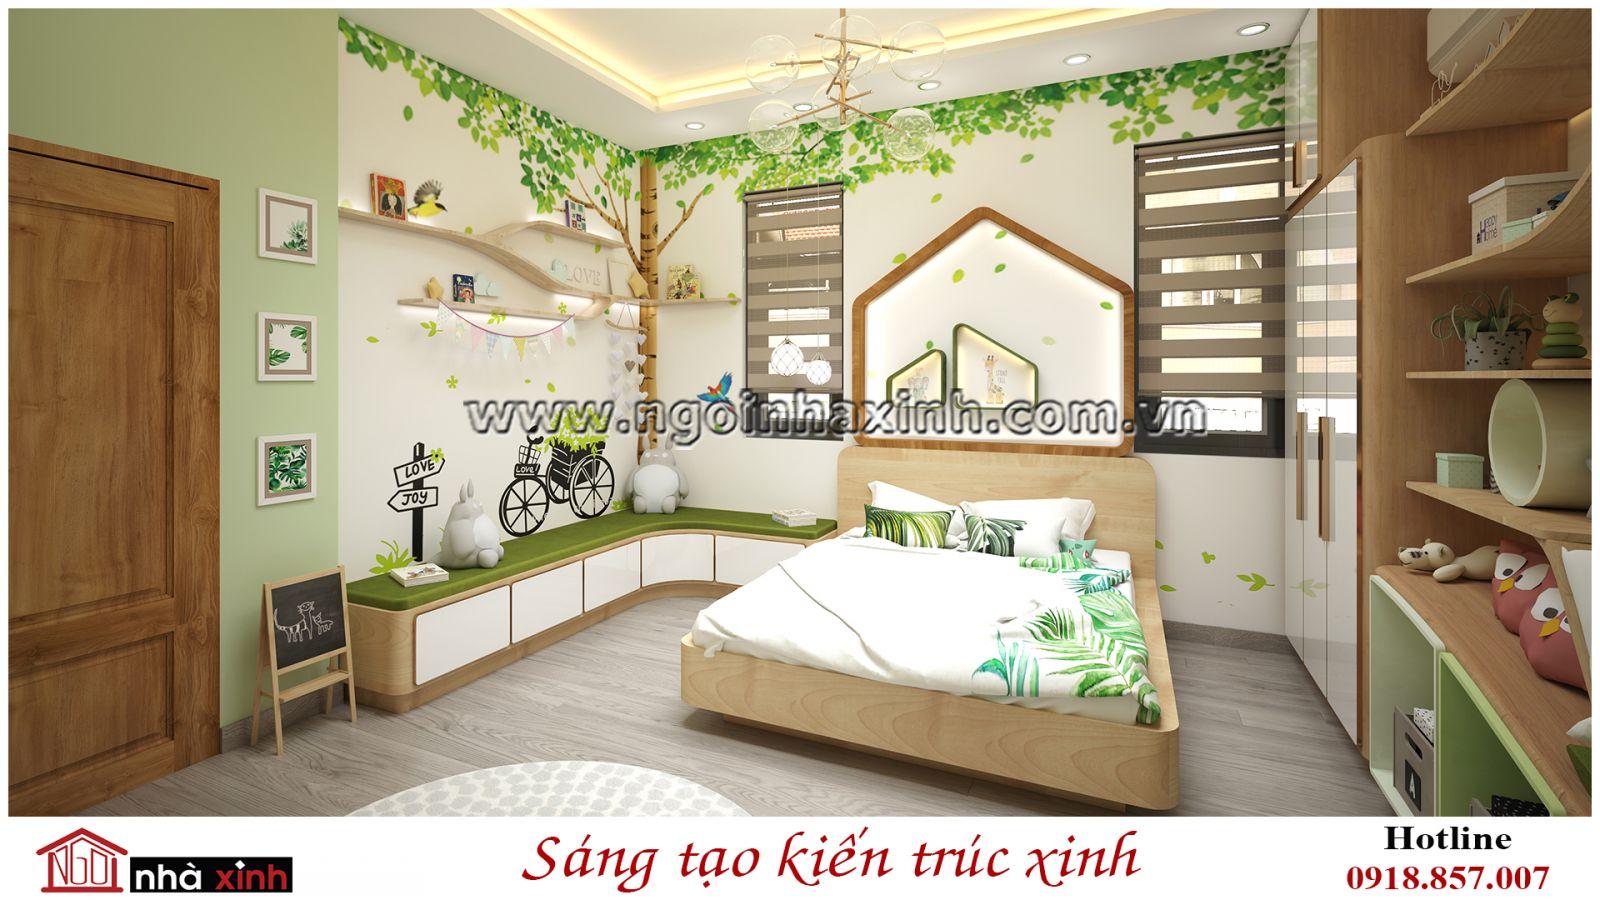 phòng ngủ đẹp, noi that dep, nhà xinh, nha xinh, nội thất đẹp